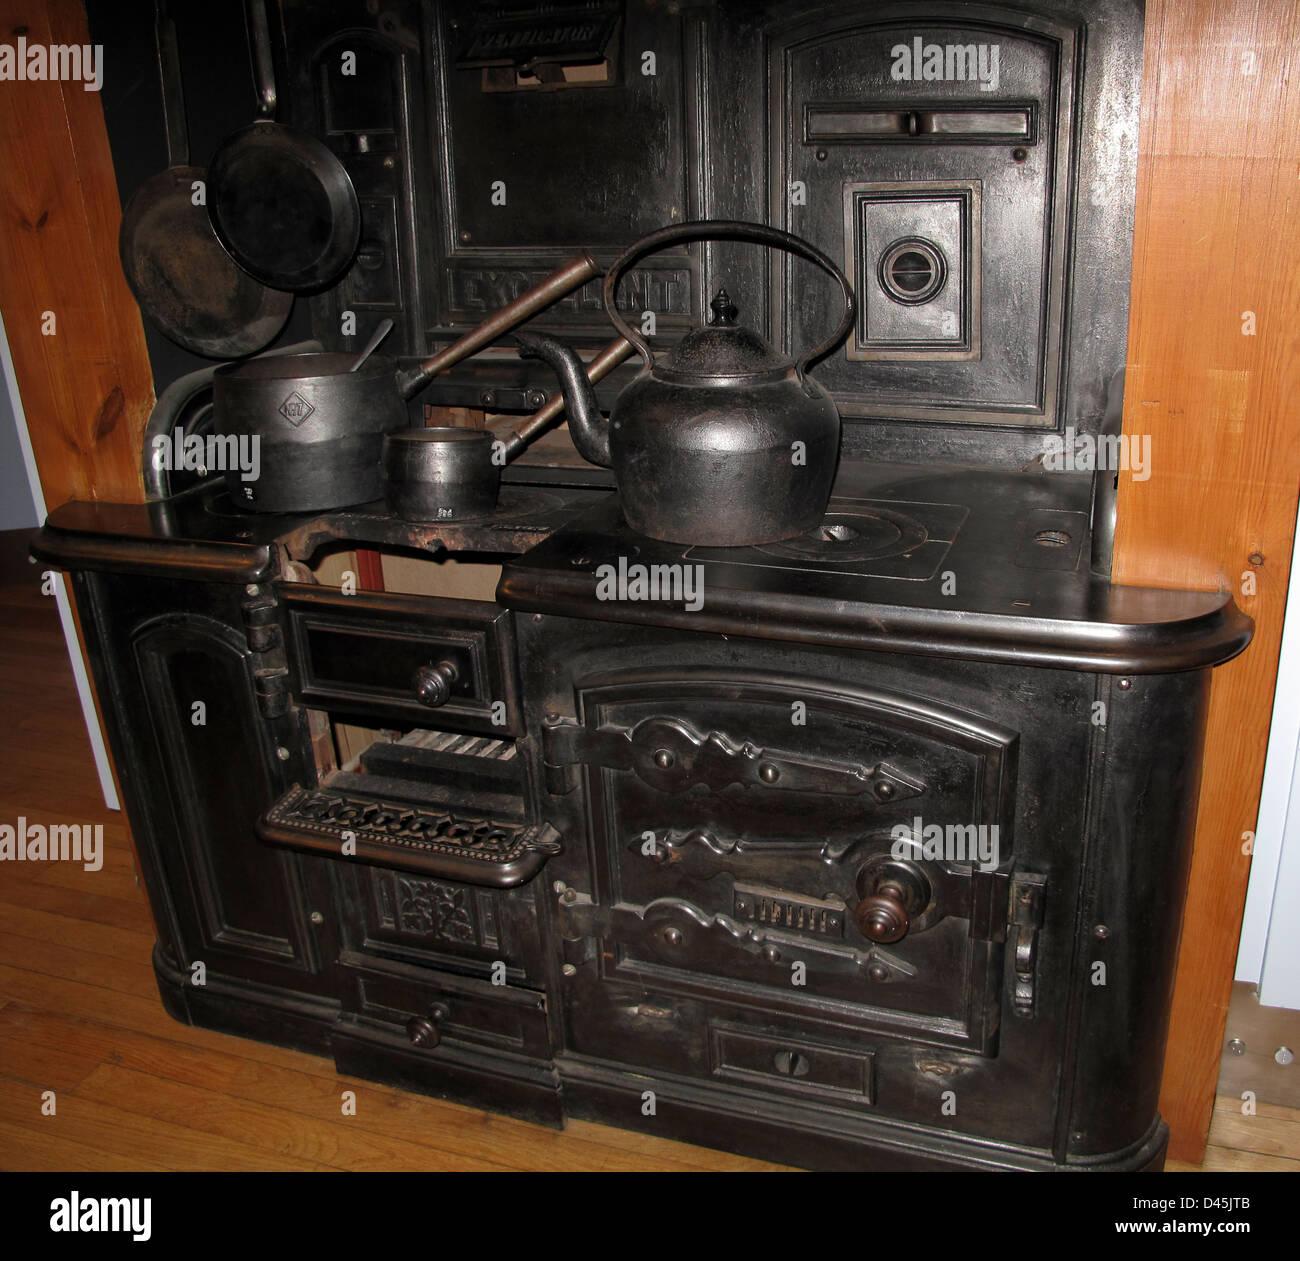 Amazing Old Cast Iron Kitchen Range